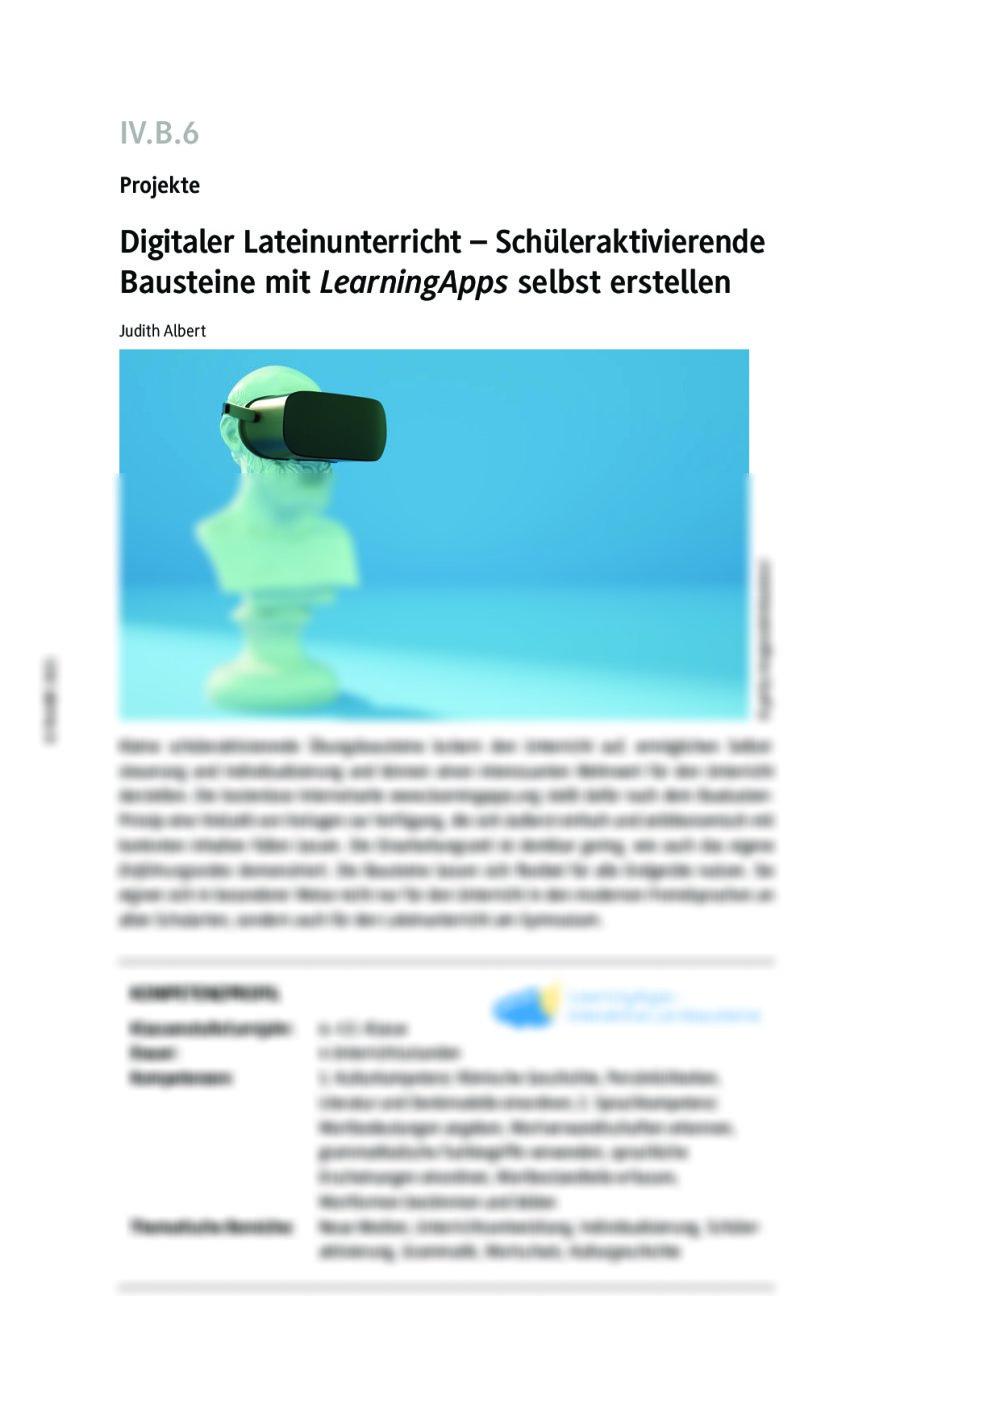 Digitaler Lateinunterricht mit LearningApps - Seite 1